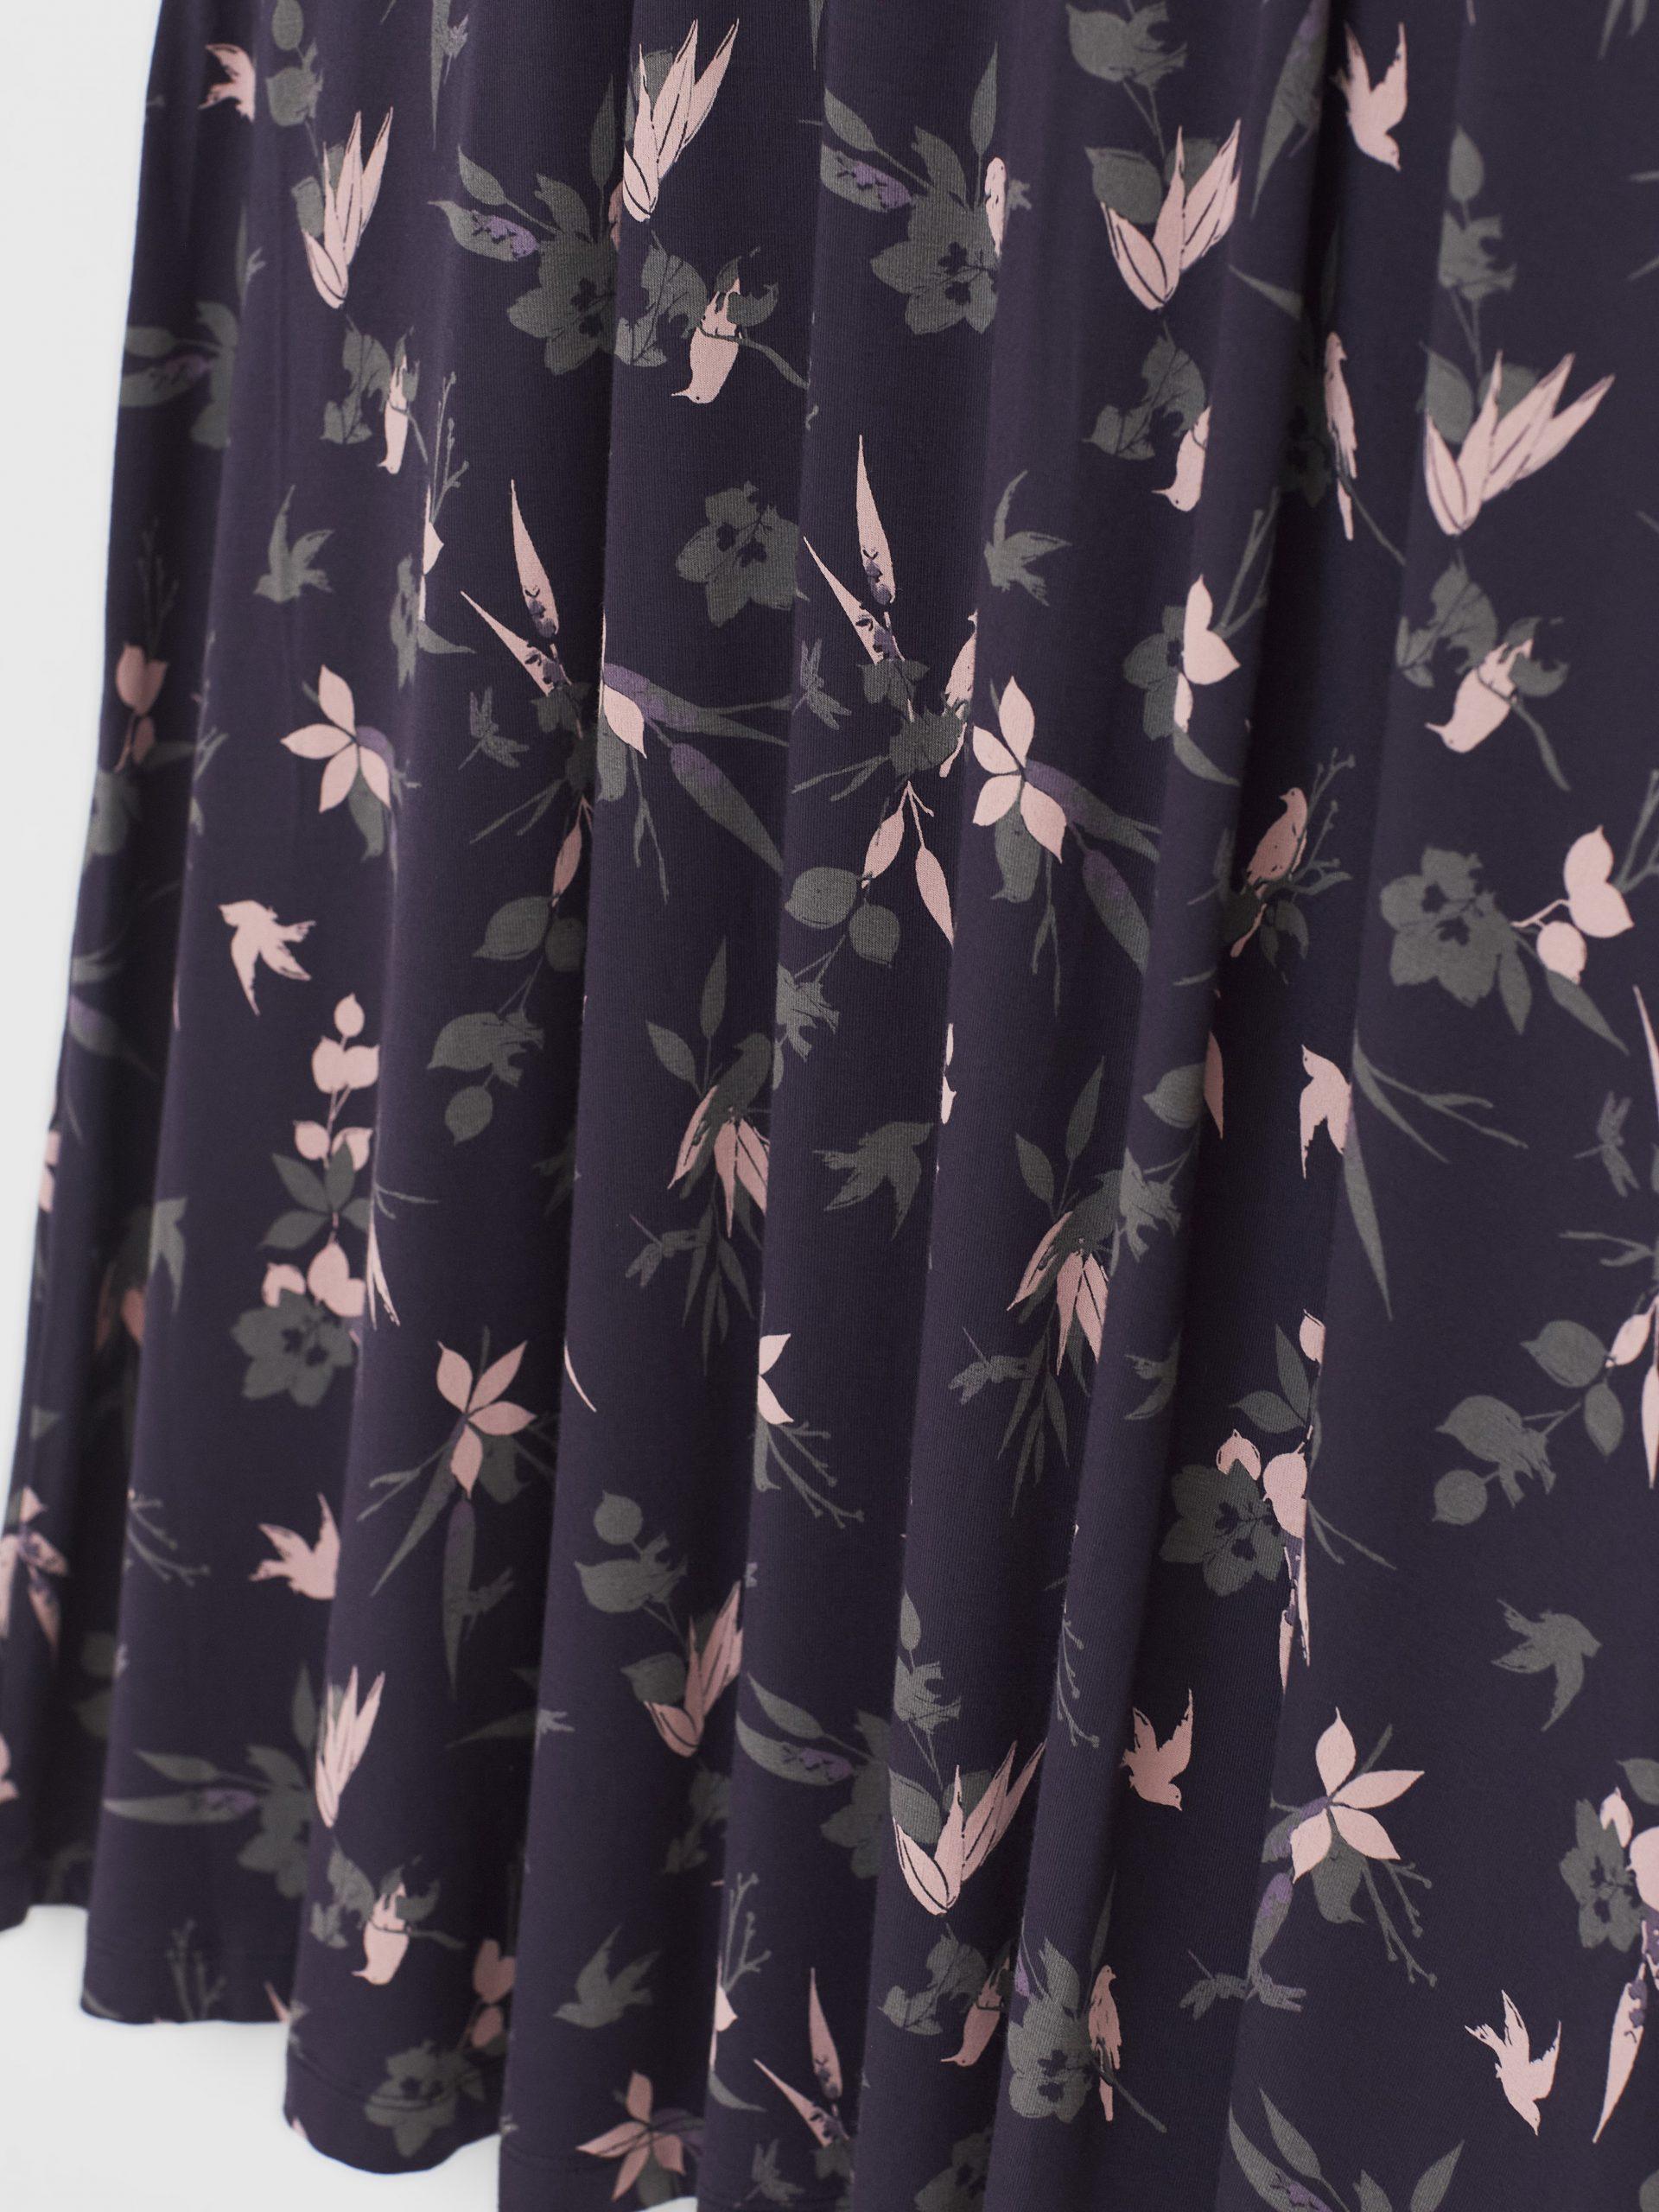 White Stuff | Elaina Eco Vero Dress | Purple